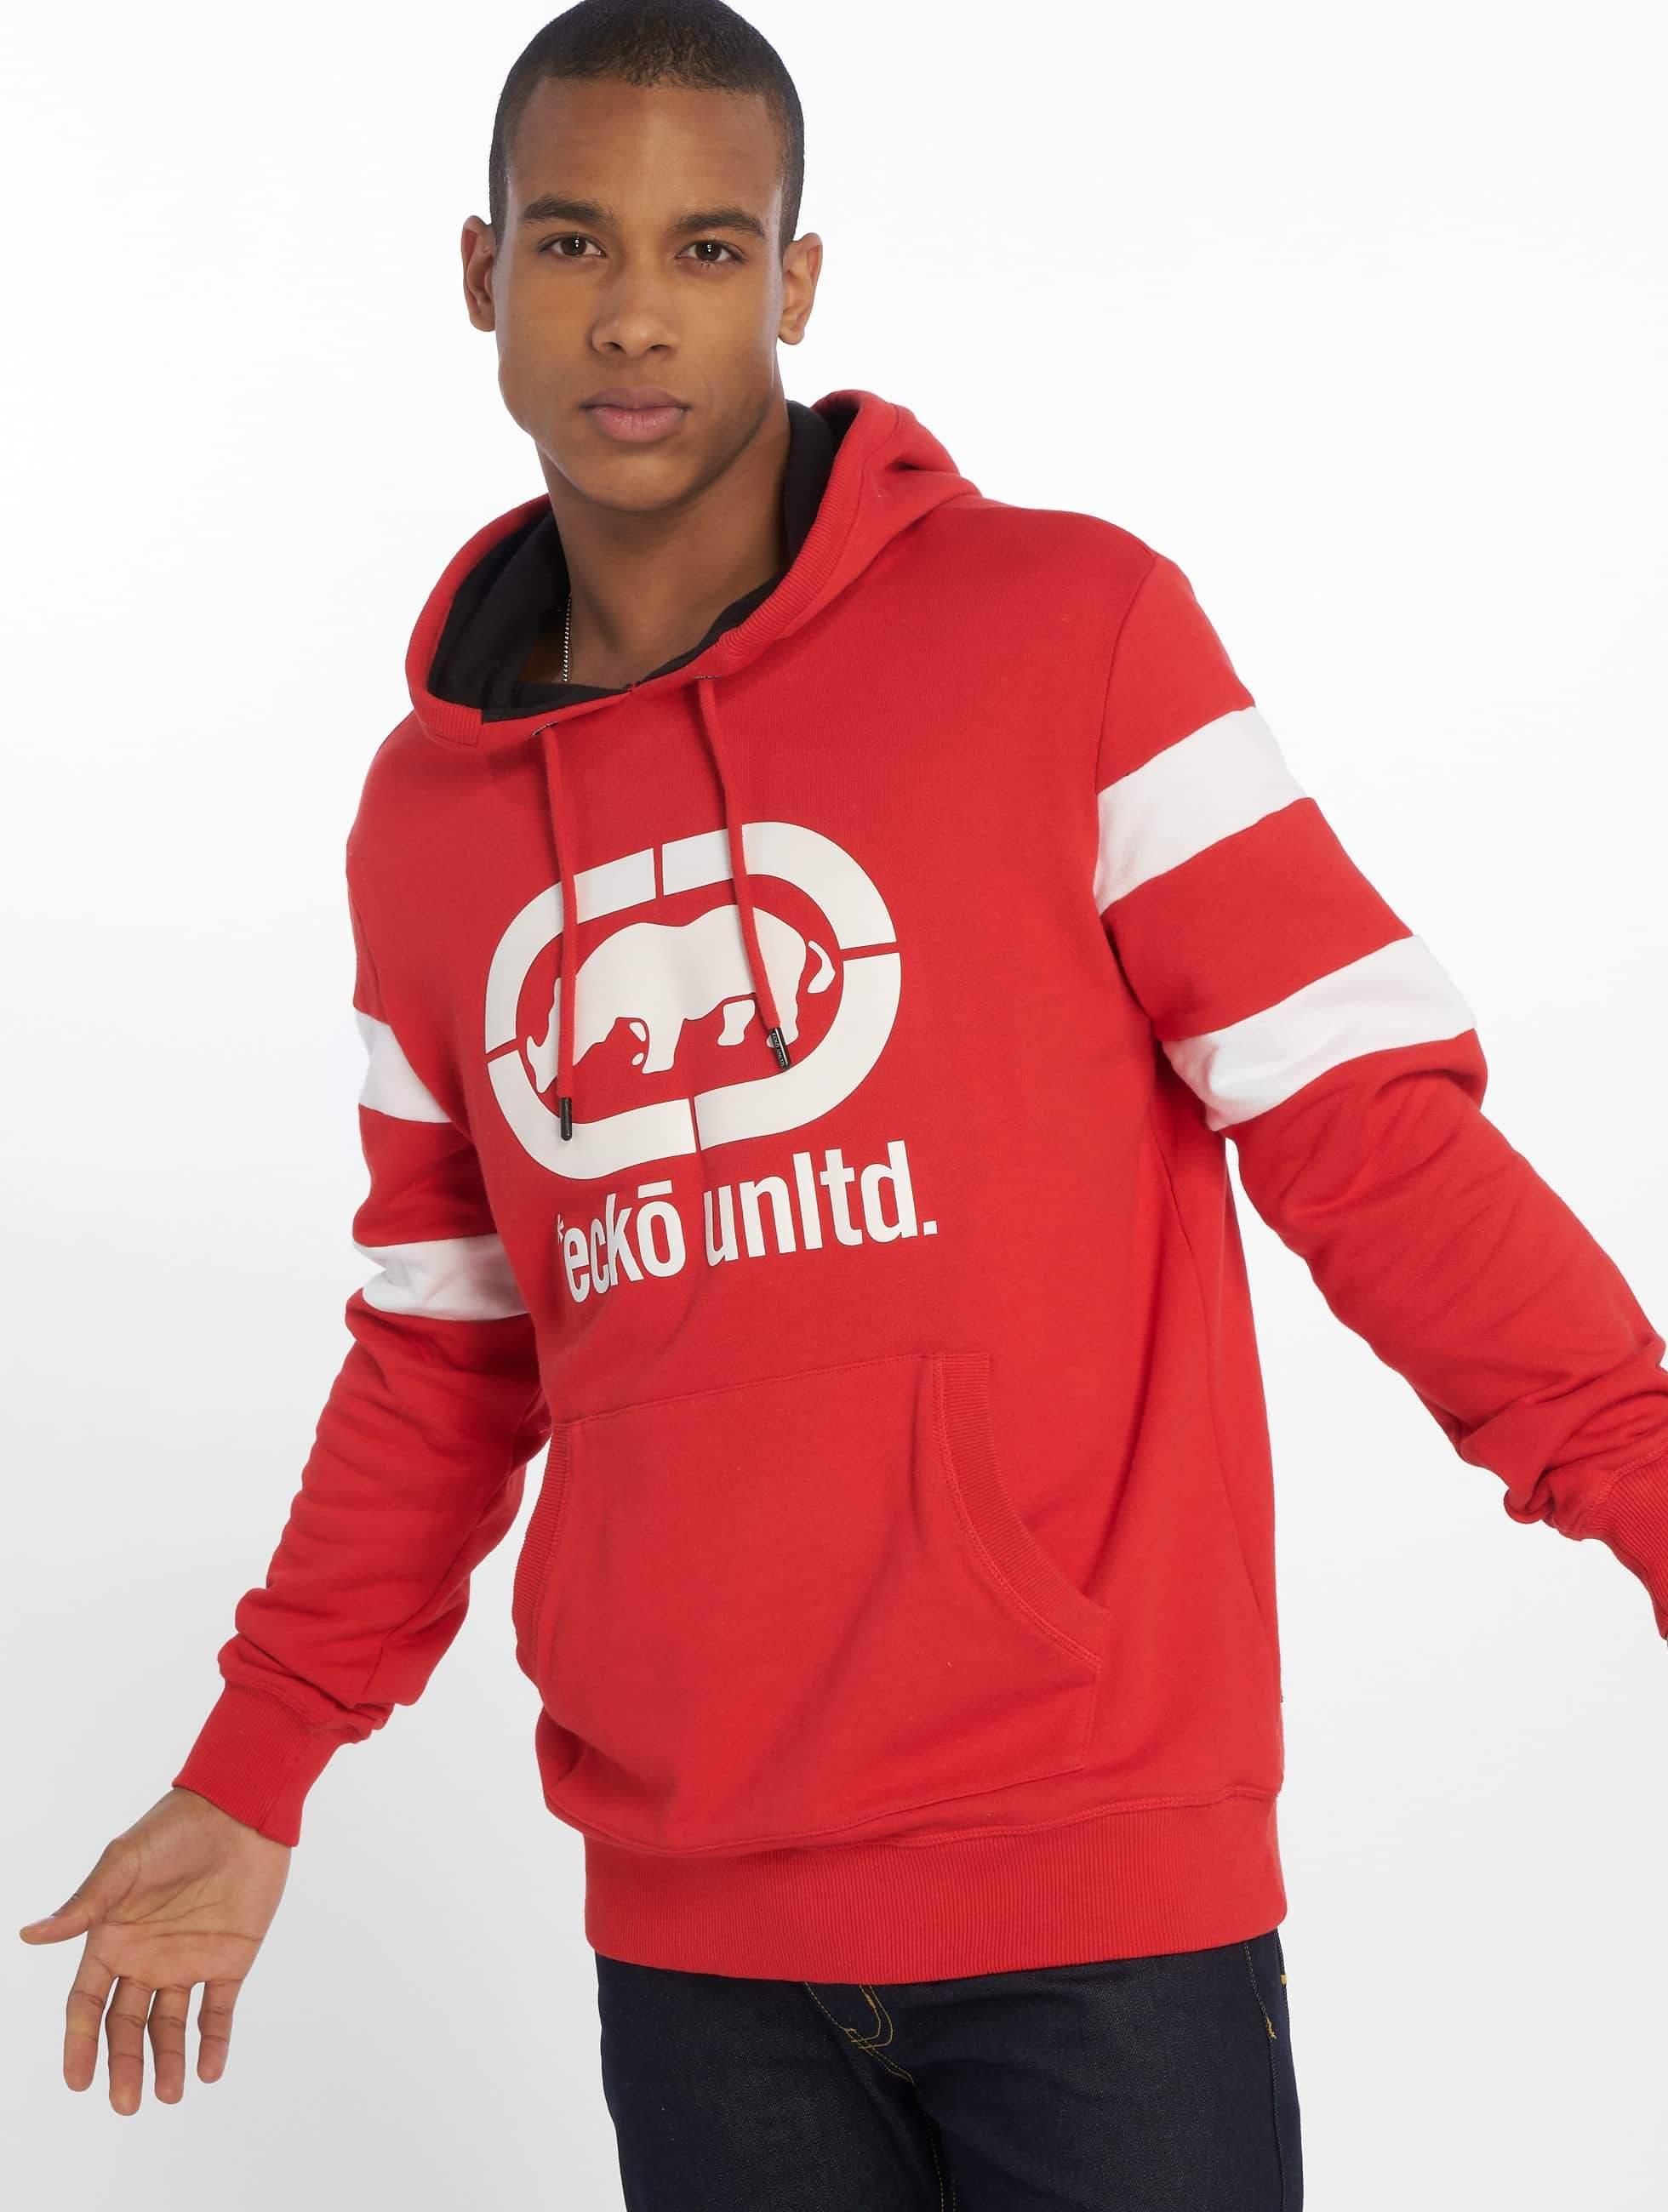 Ecko Unltd. / Hoodie Clovis in red XL